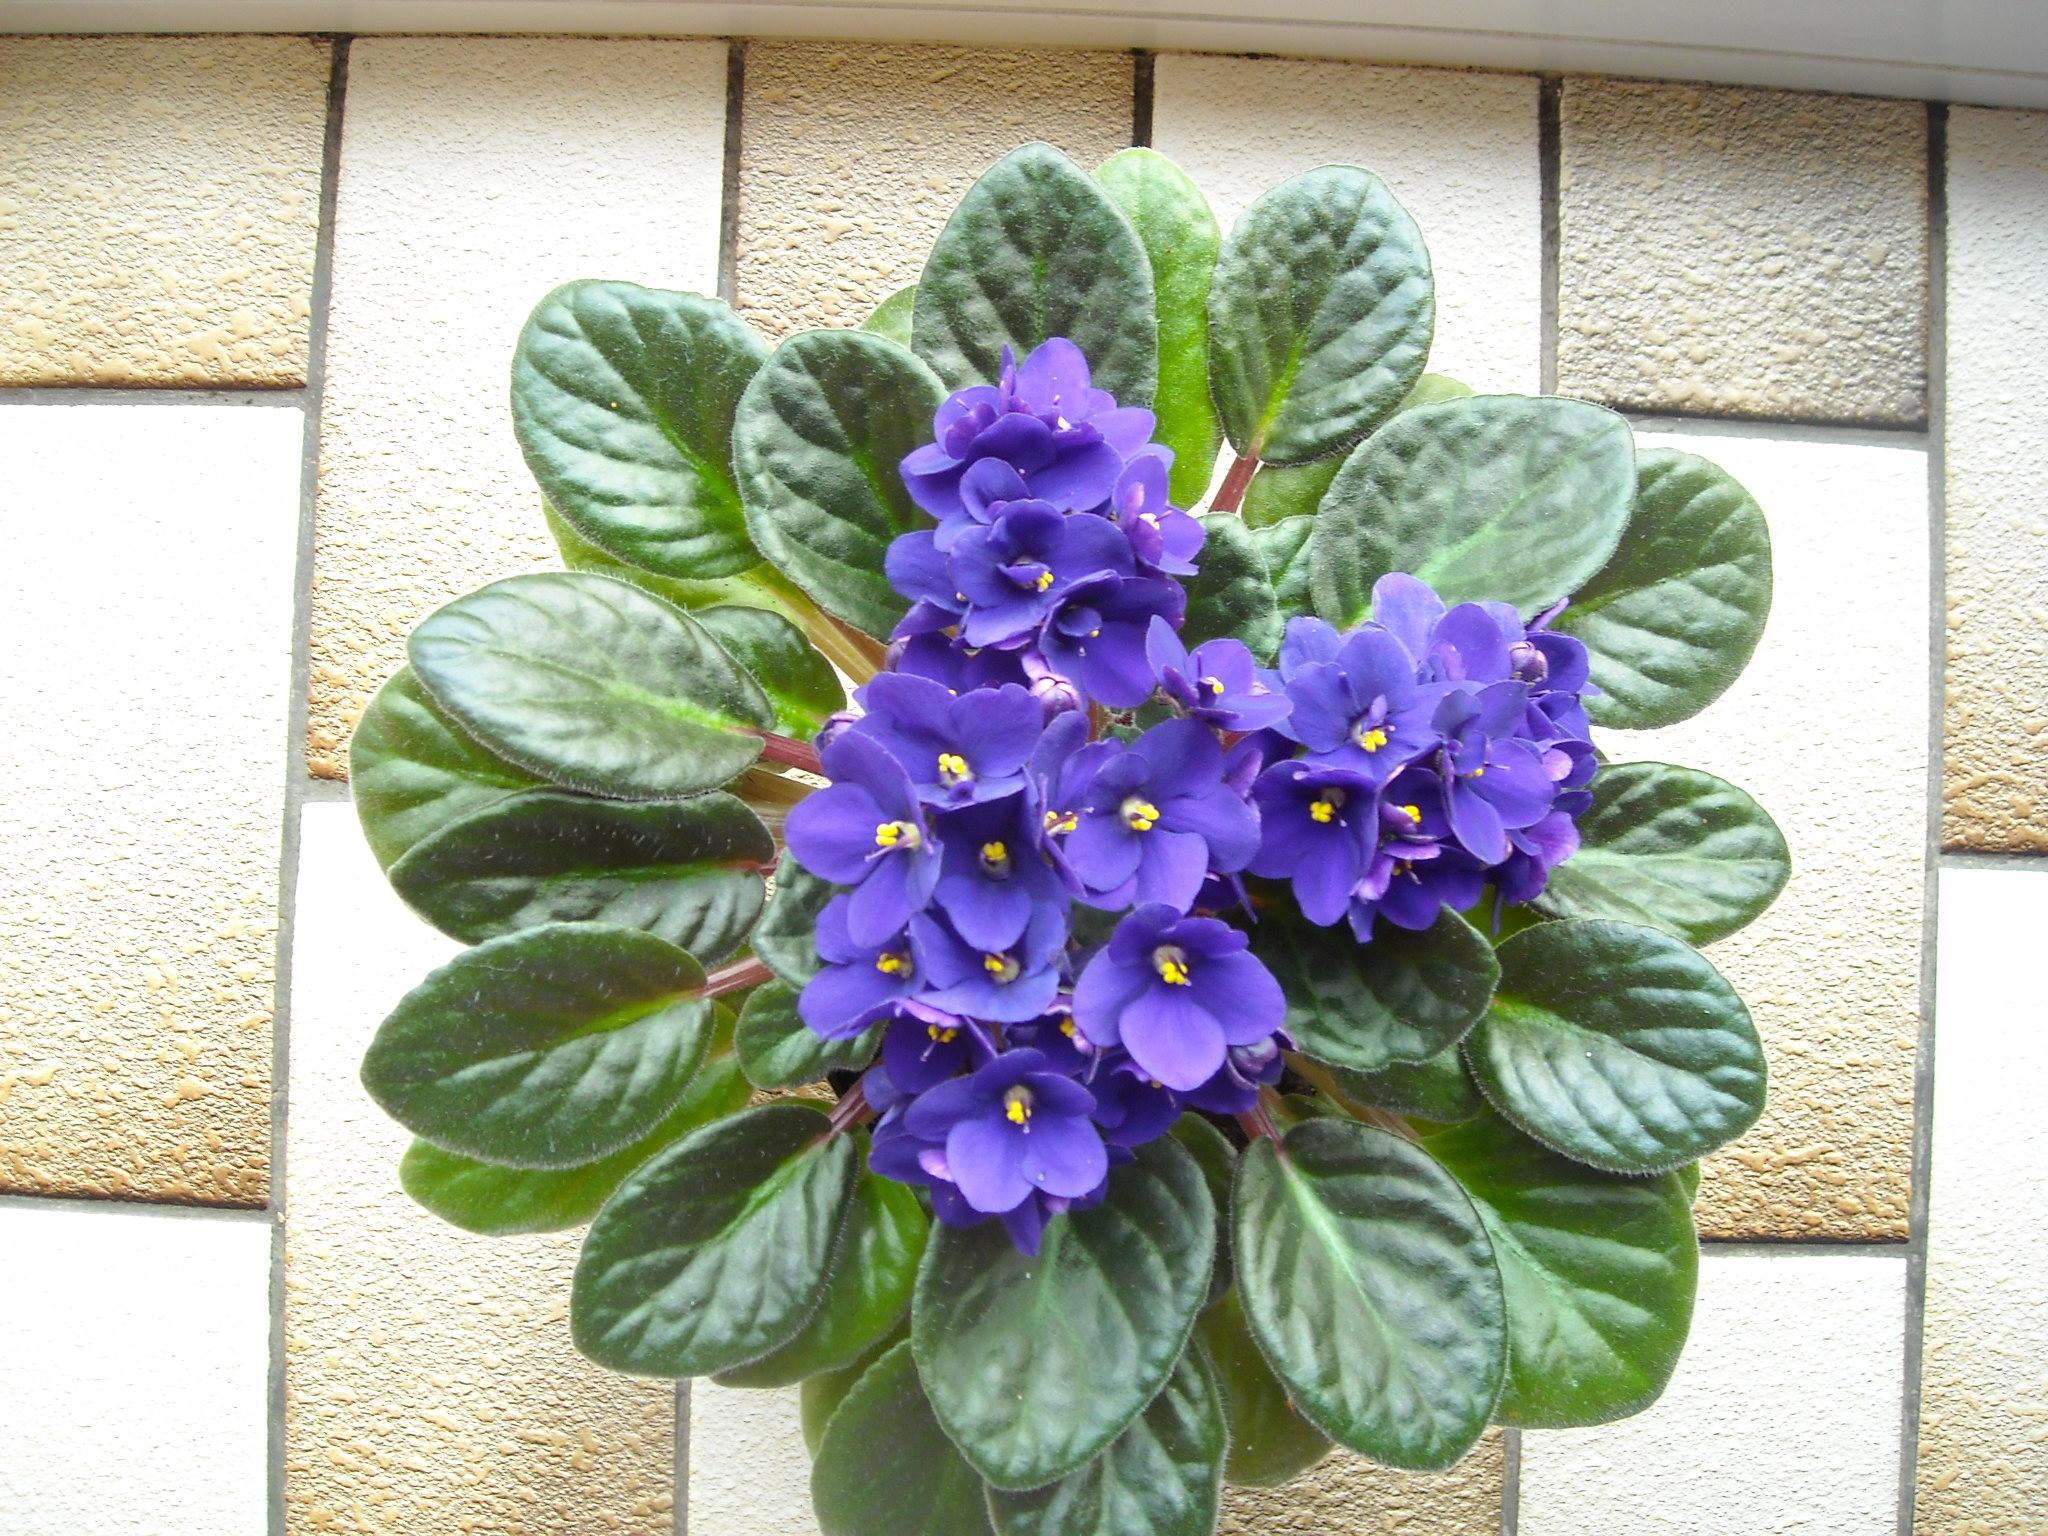 violette africaine,ou saint paulia - Page 2 479615nouvelledemaplante001